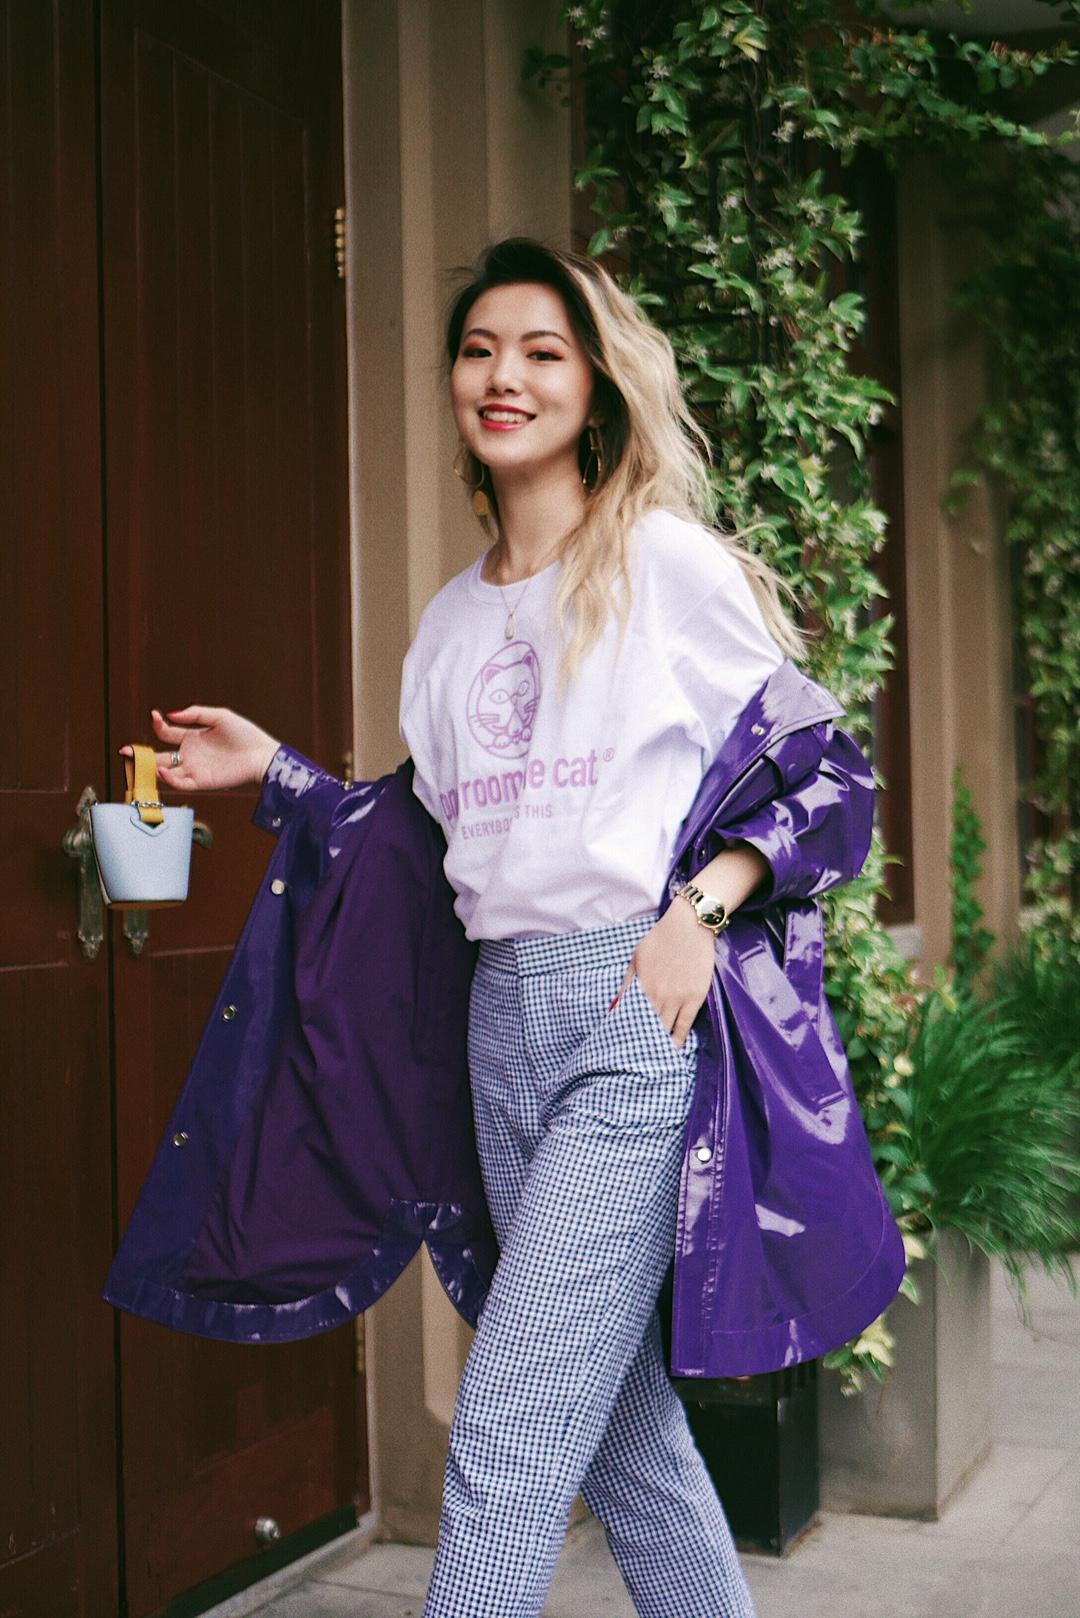 穿一件亮色系风衣,刷爆五一朋友圈 漆光的紫色风衣吸睛满分 酷到爆炸💥 内搭一件紫色印花白Tee更加清爽 选择同色调的蓝白格纹西裤,蓝色与紫色完美融合,白色也可以与T恤和高跟鞋相呼应 同样还是非常藏肉的一套look 如果觉得太酷的话 建议大家入一个迷你包 小到只能装可爱的mini包瞬间就能打破酷感的一身哦~ #可甜可盐一件T恤全hold住#